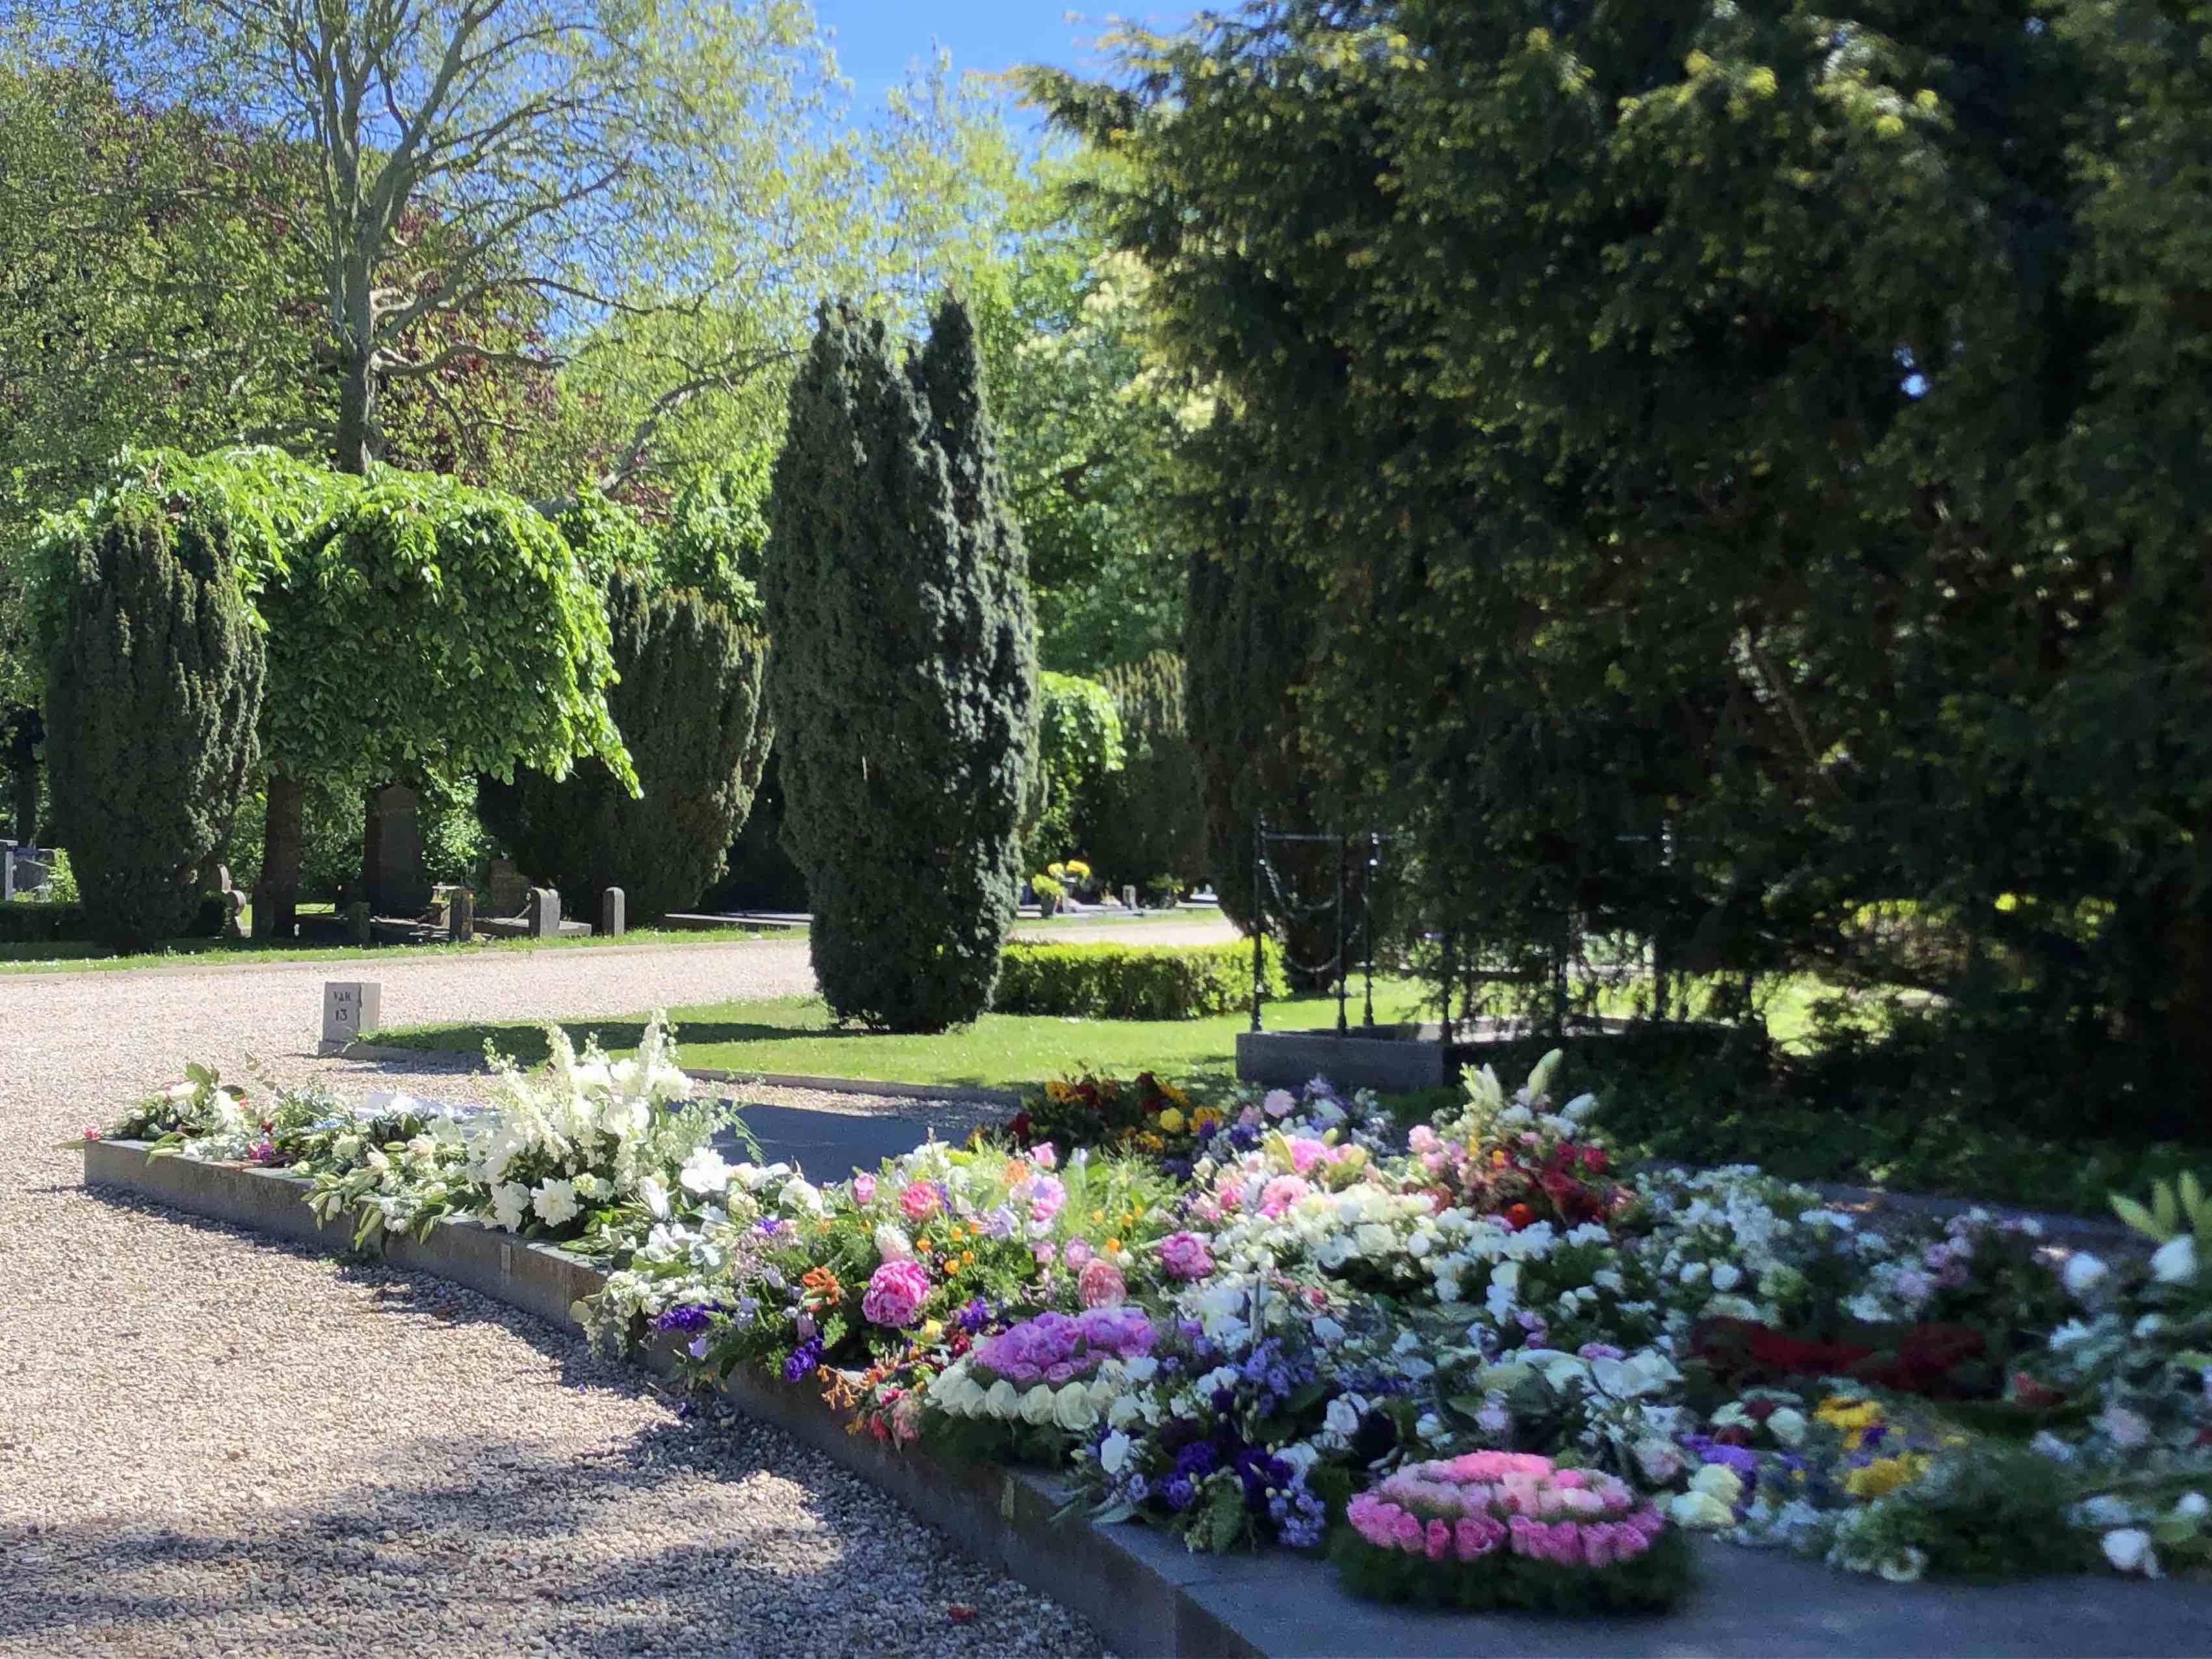 De Nieuwe Ooster gedenkplaats bloem rouwstuk bloemstuk